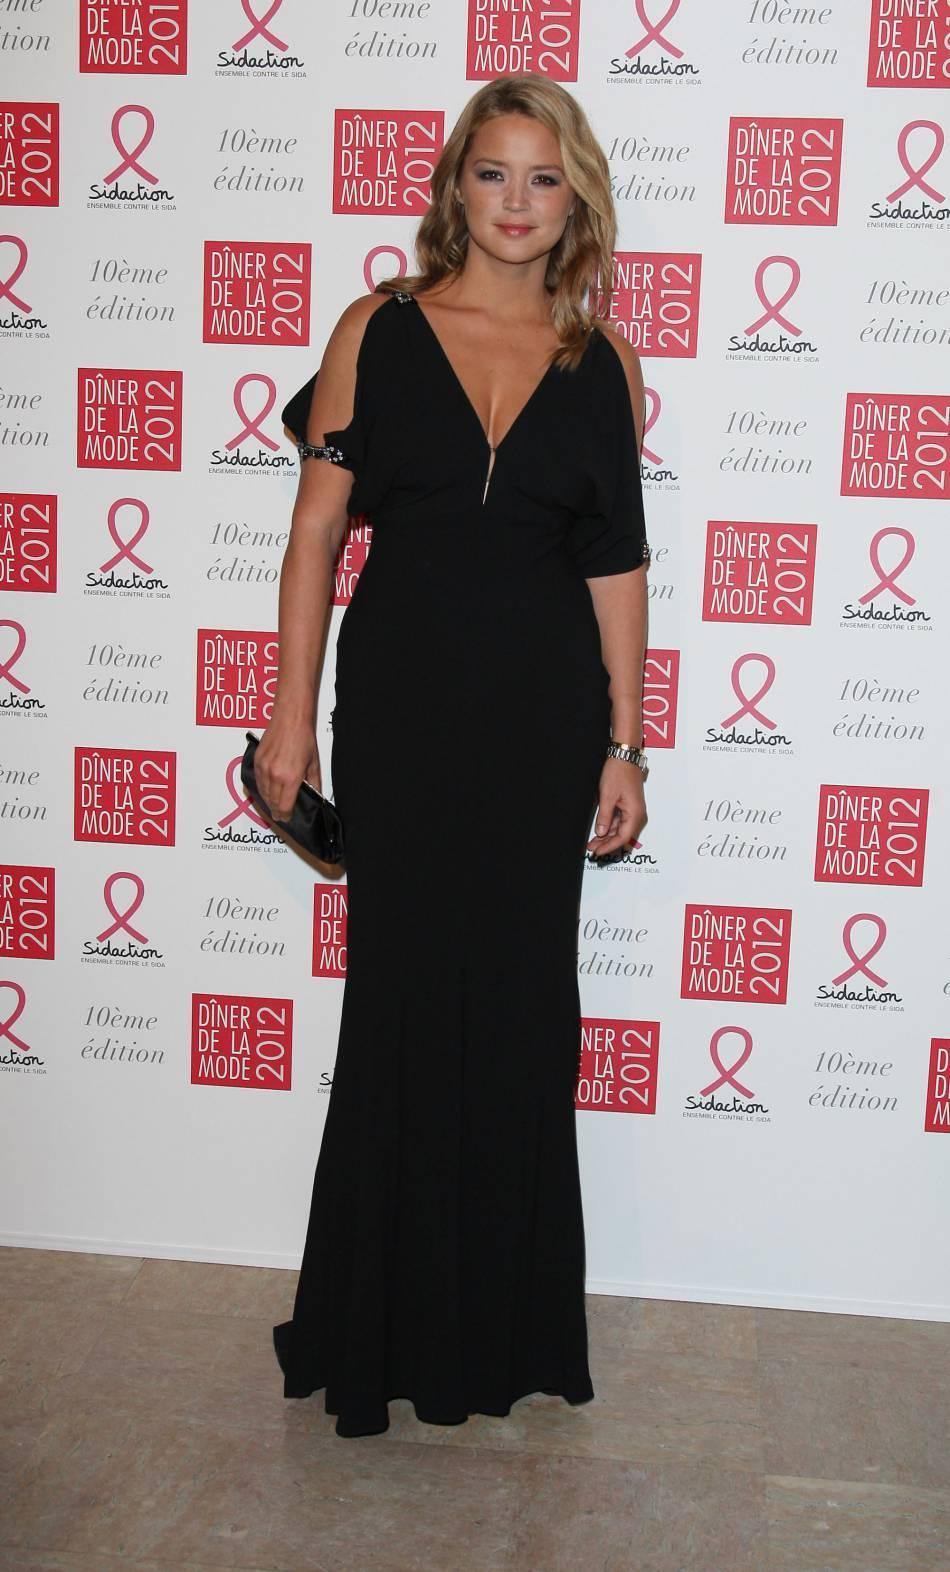 Virginie Efira se dévoilait en véritable déesse lors du dîner de la mode en 2012.